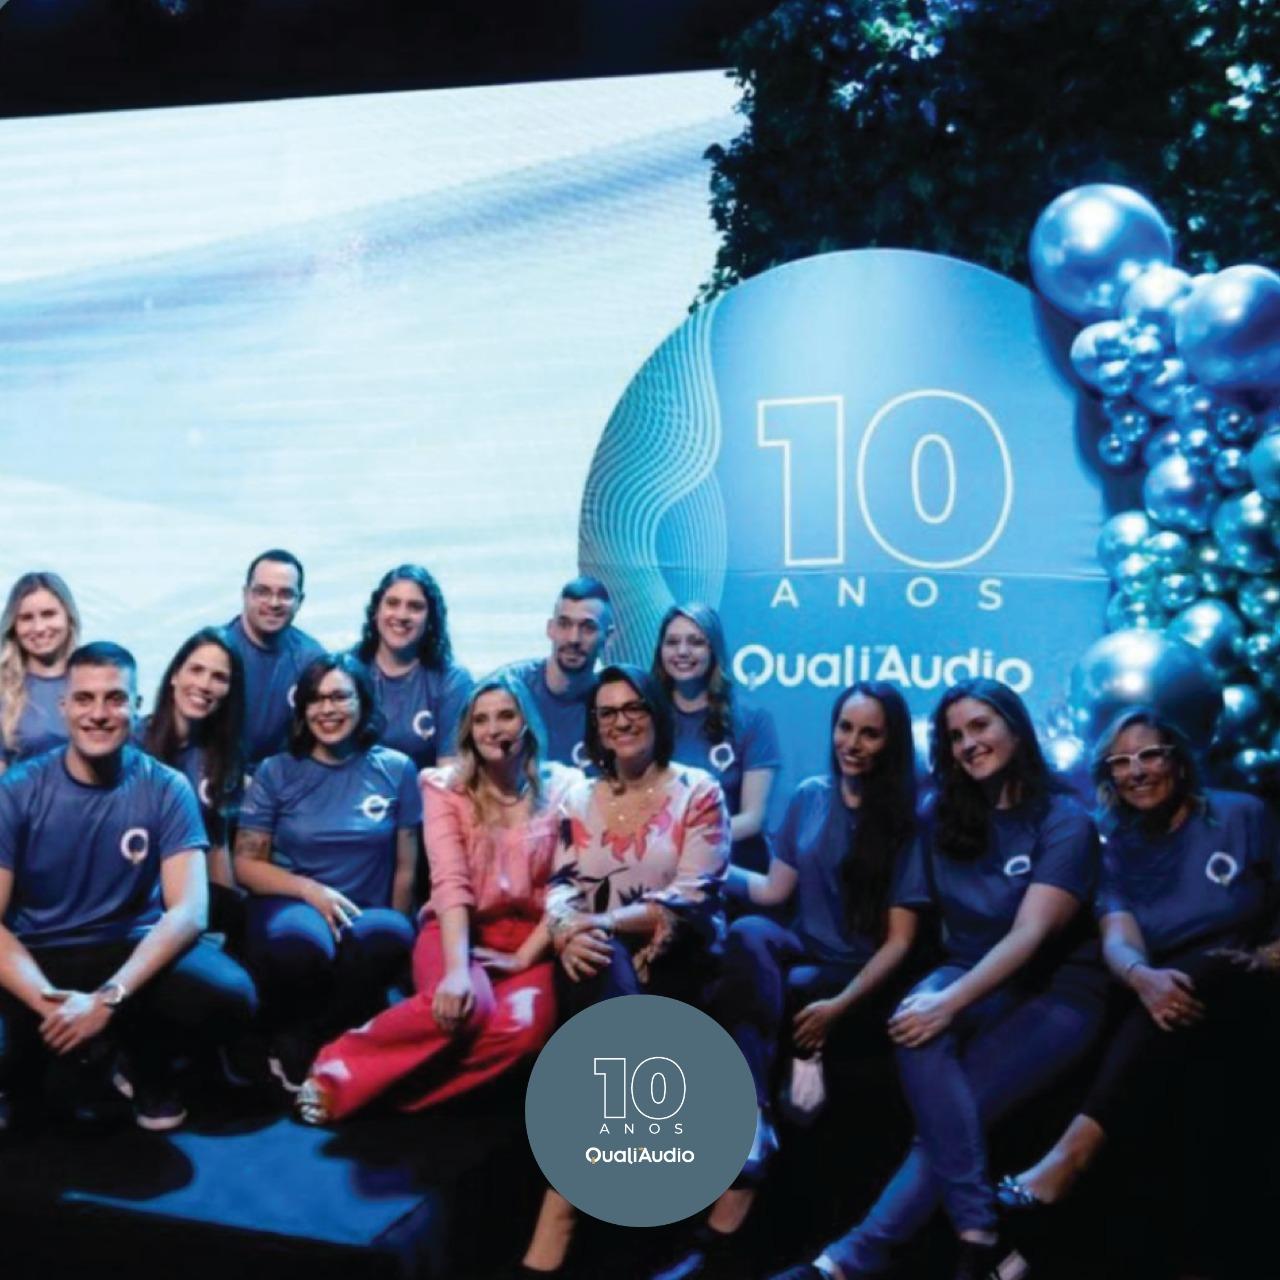 O evento de 10 anos da QualiAudio foi um sucesso!